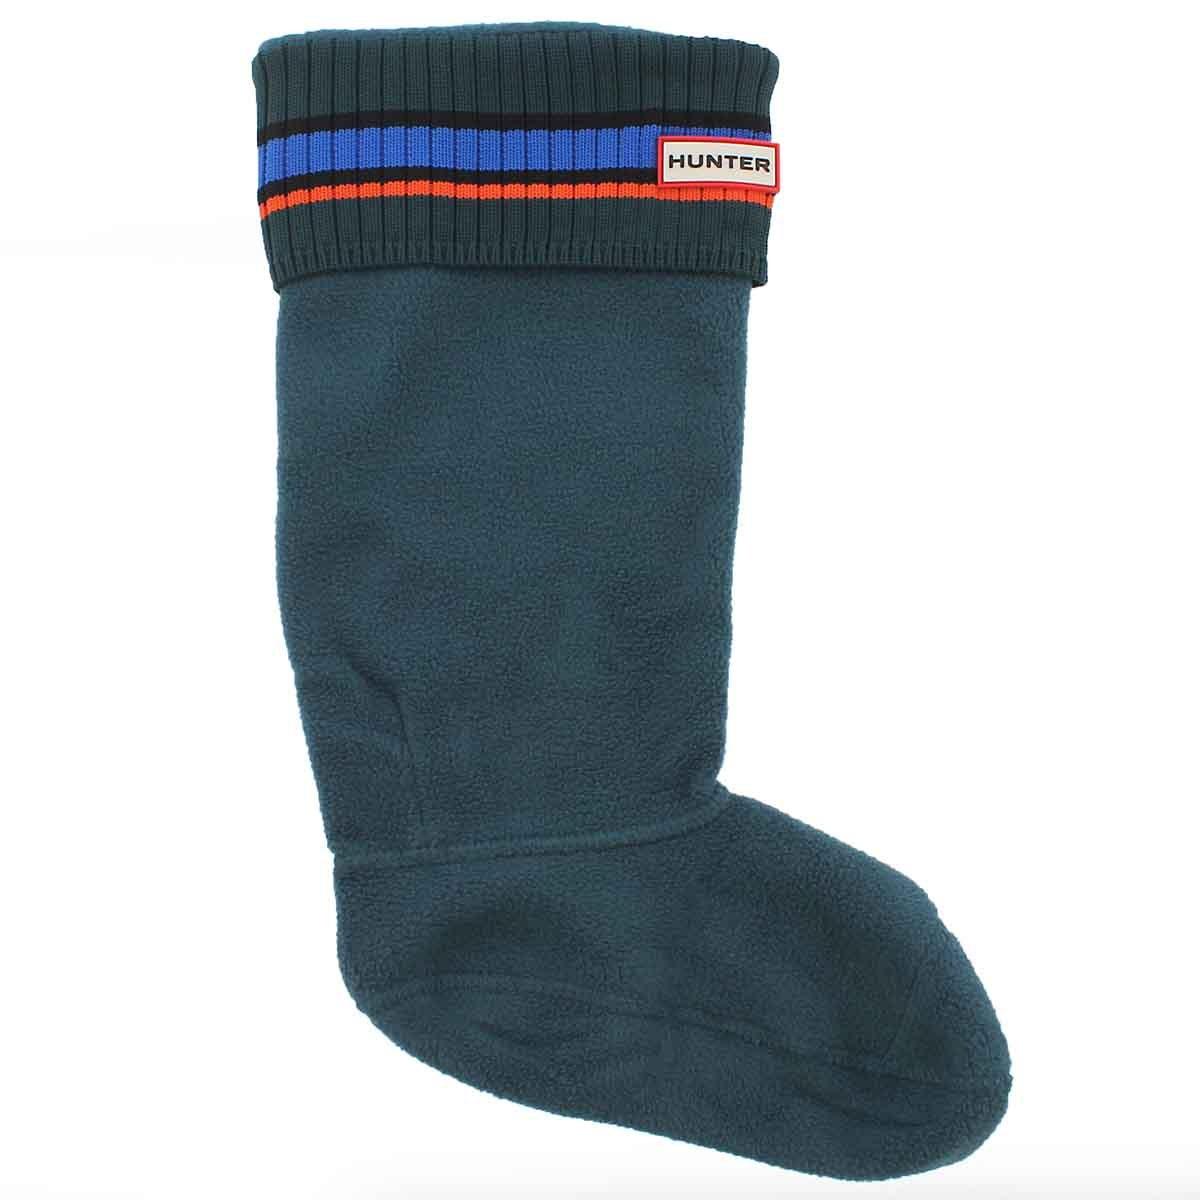 Lds Buoy Stripe grn/blu/red boot sock